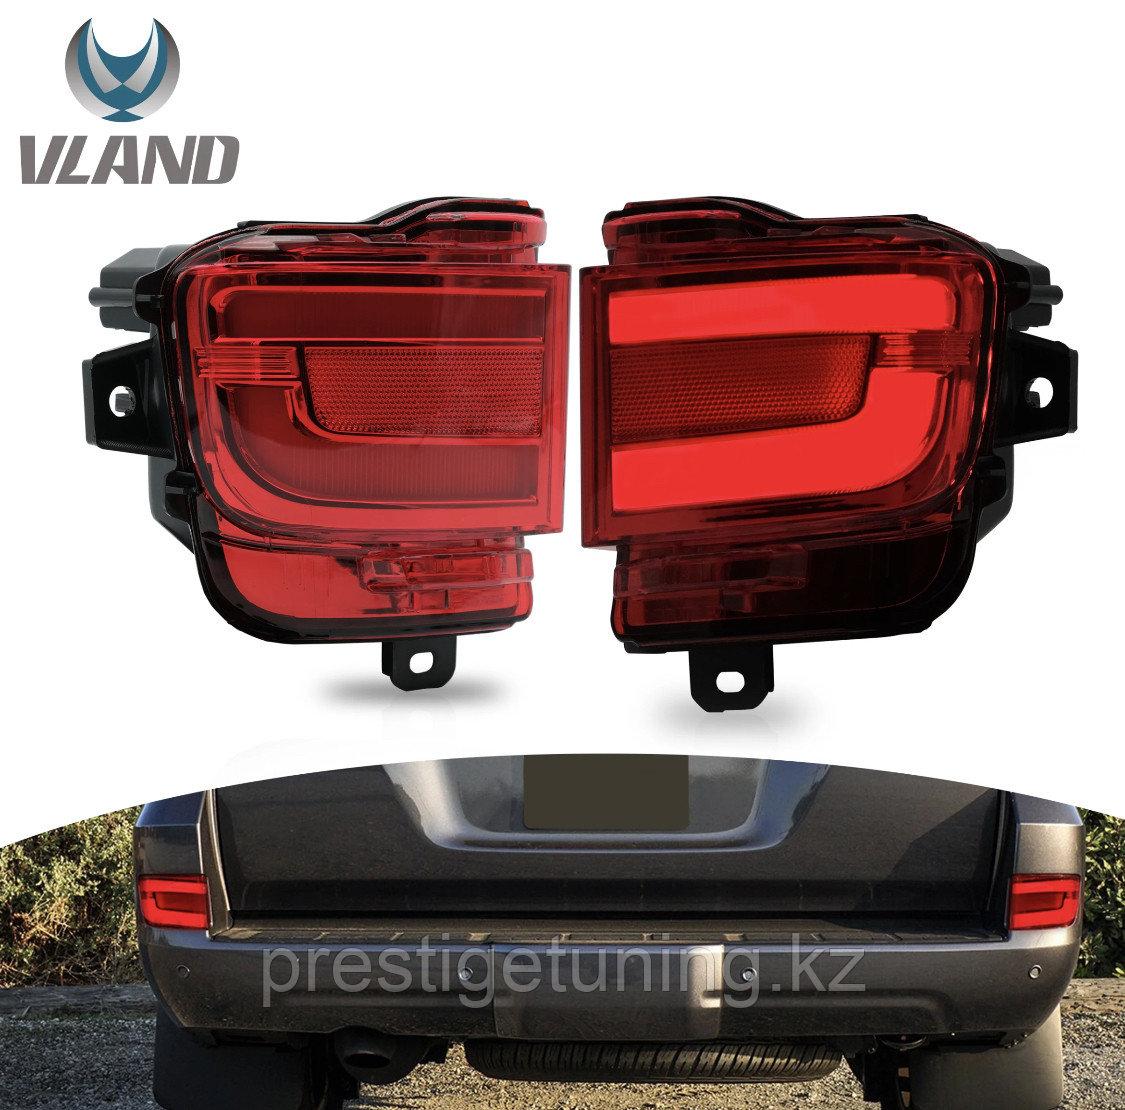 Туманки в задний бампер диодовые (красные) Land Cruiser 200 2016-21